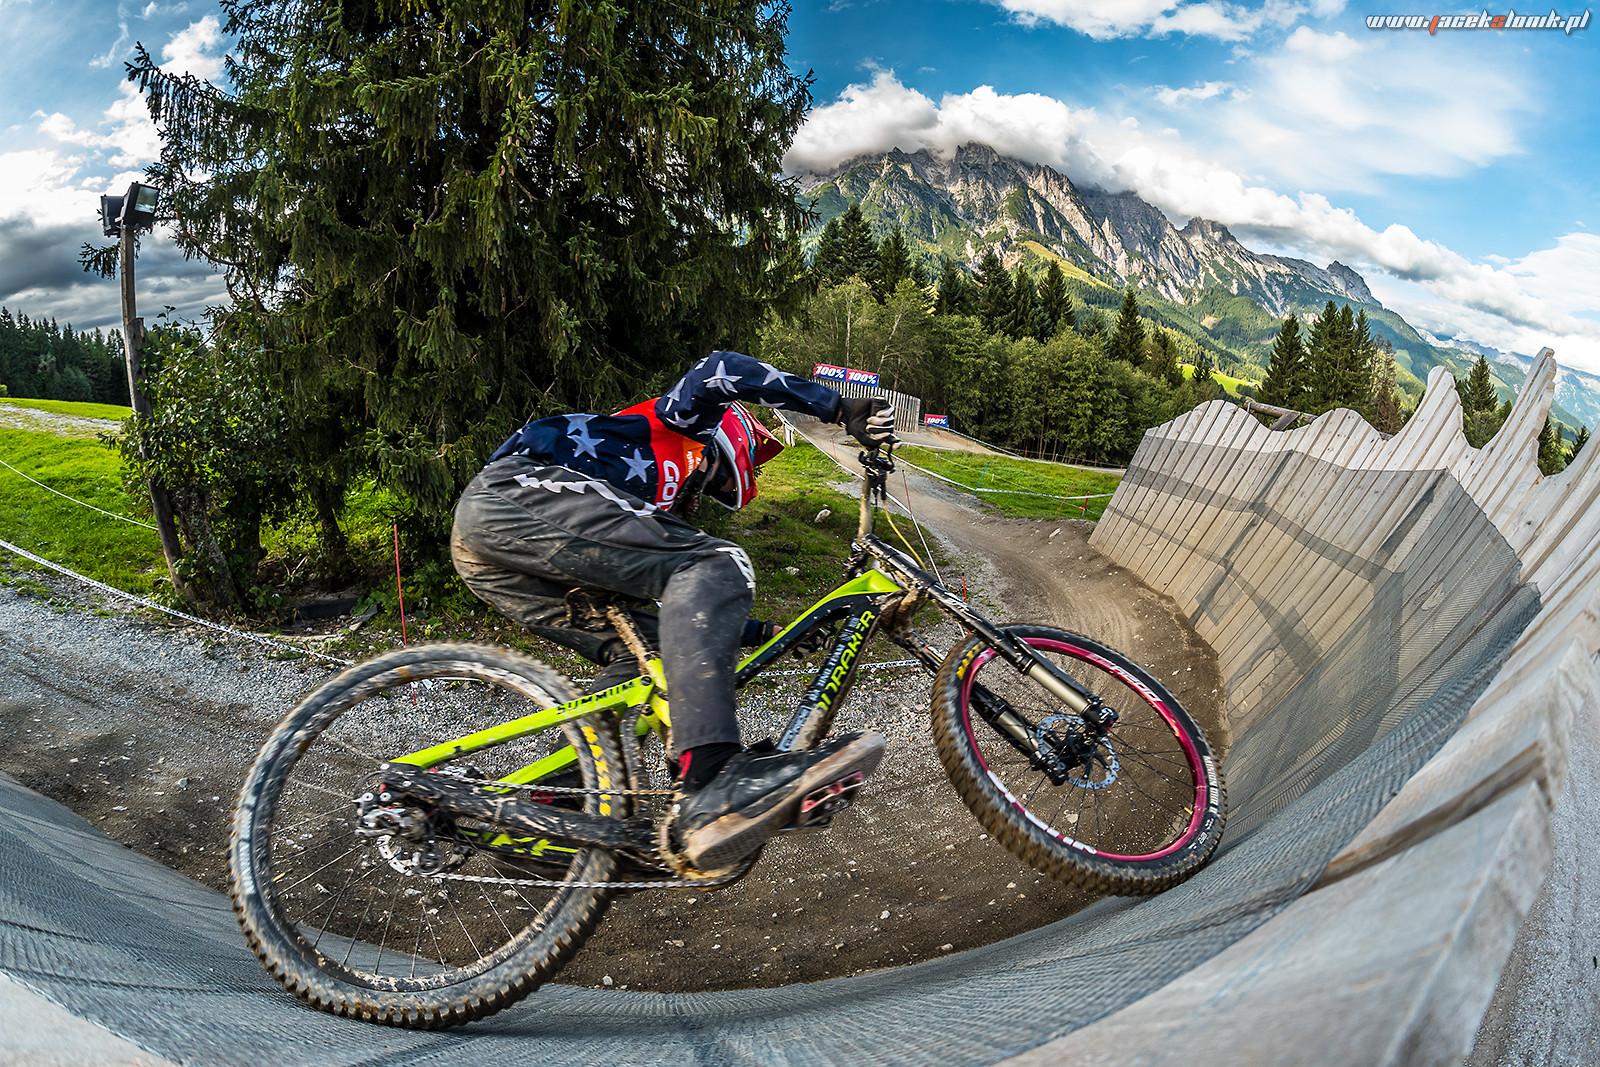 Wallride in Leogang - JacekSlonik - Mountain Biking Pictures - Vital MTB